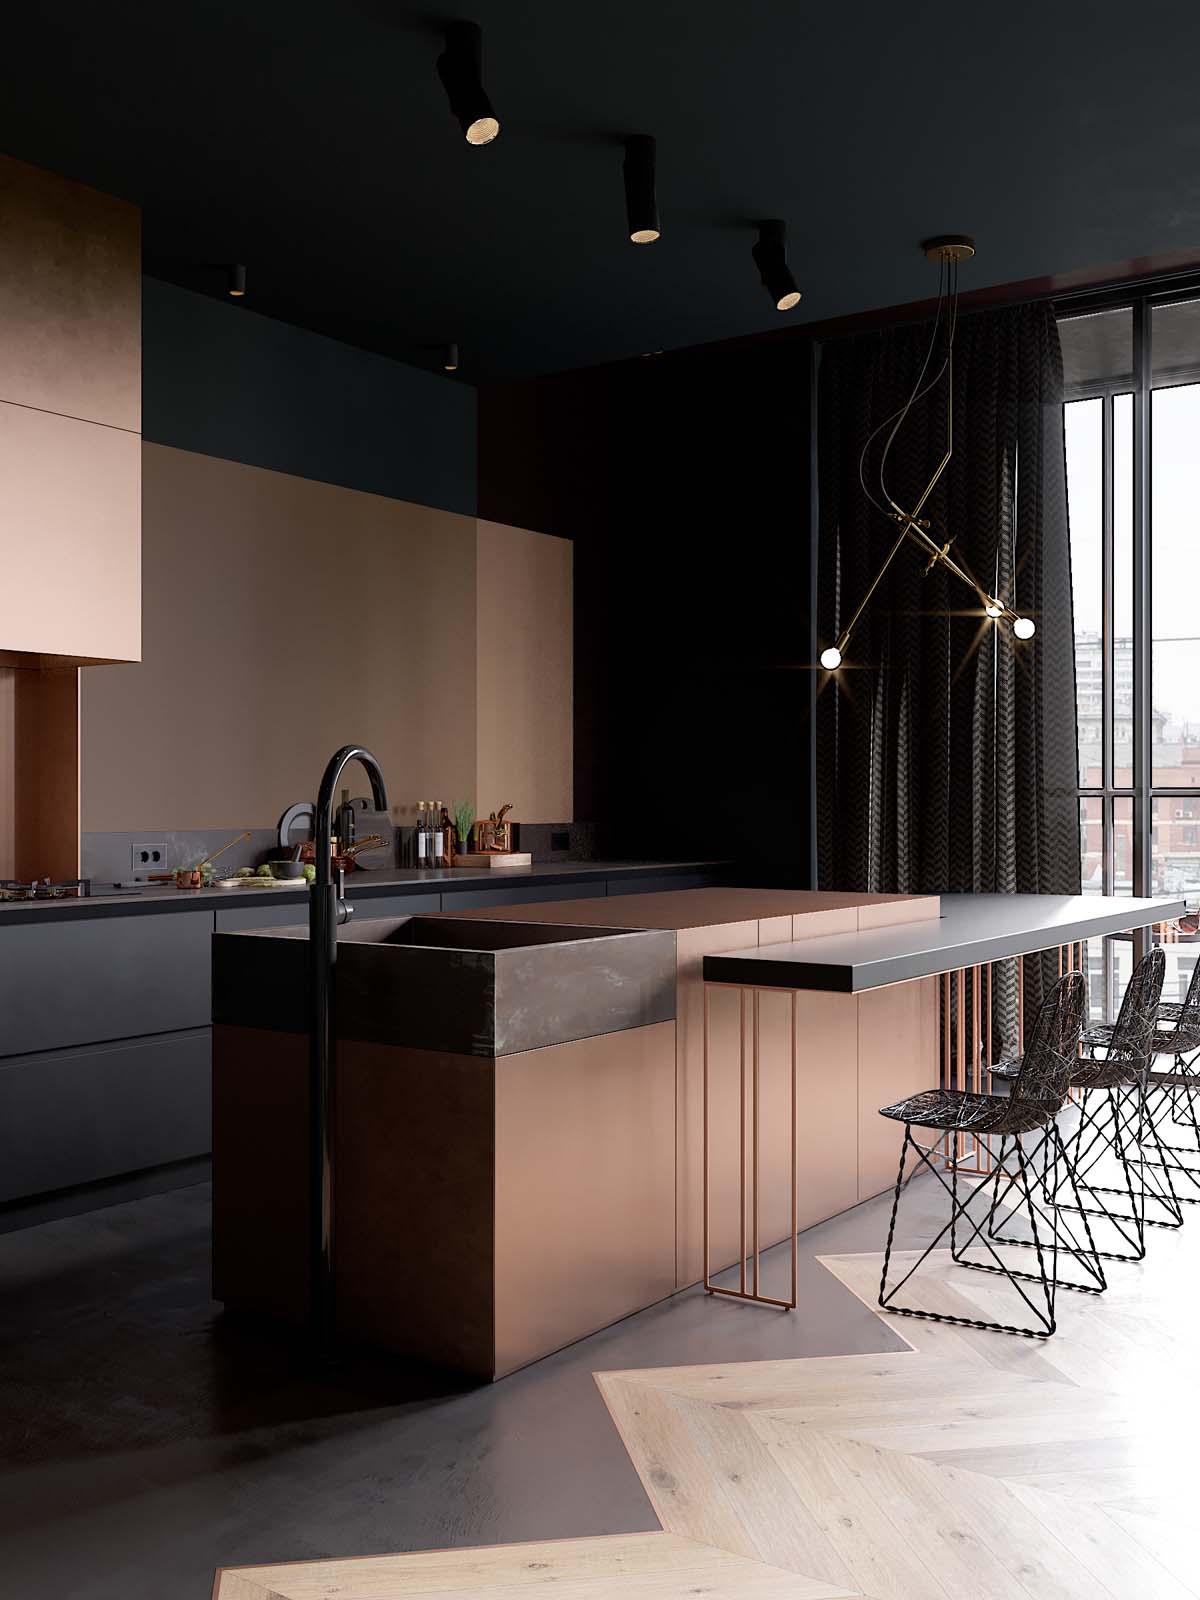 kitchen-island-with-sink.jpg